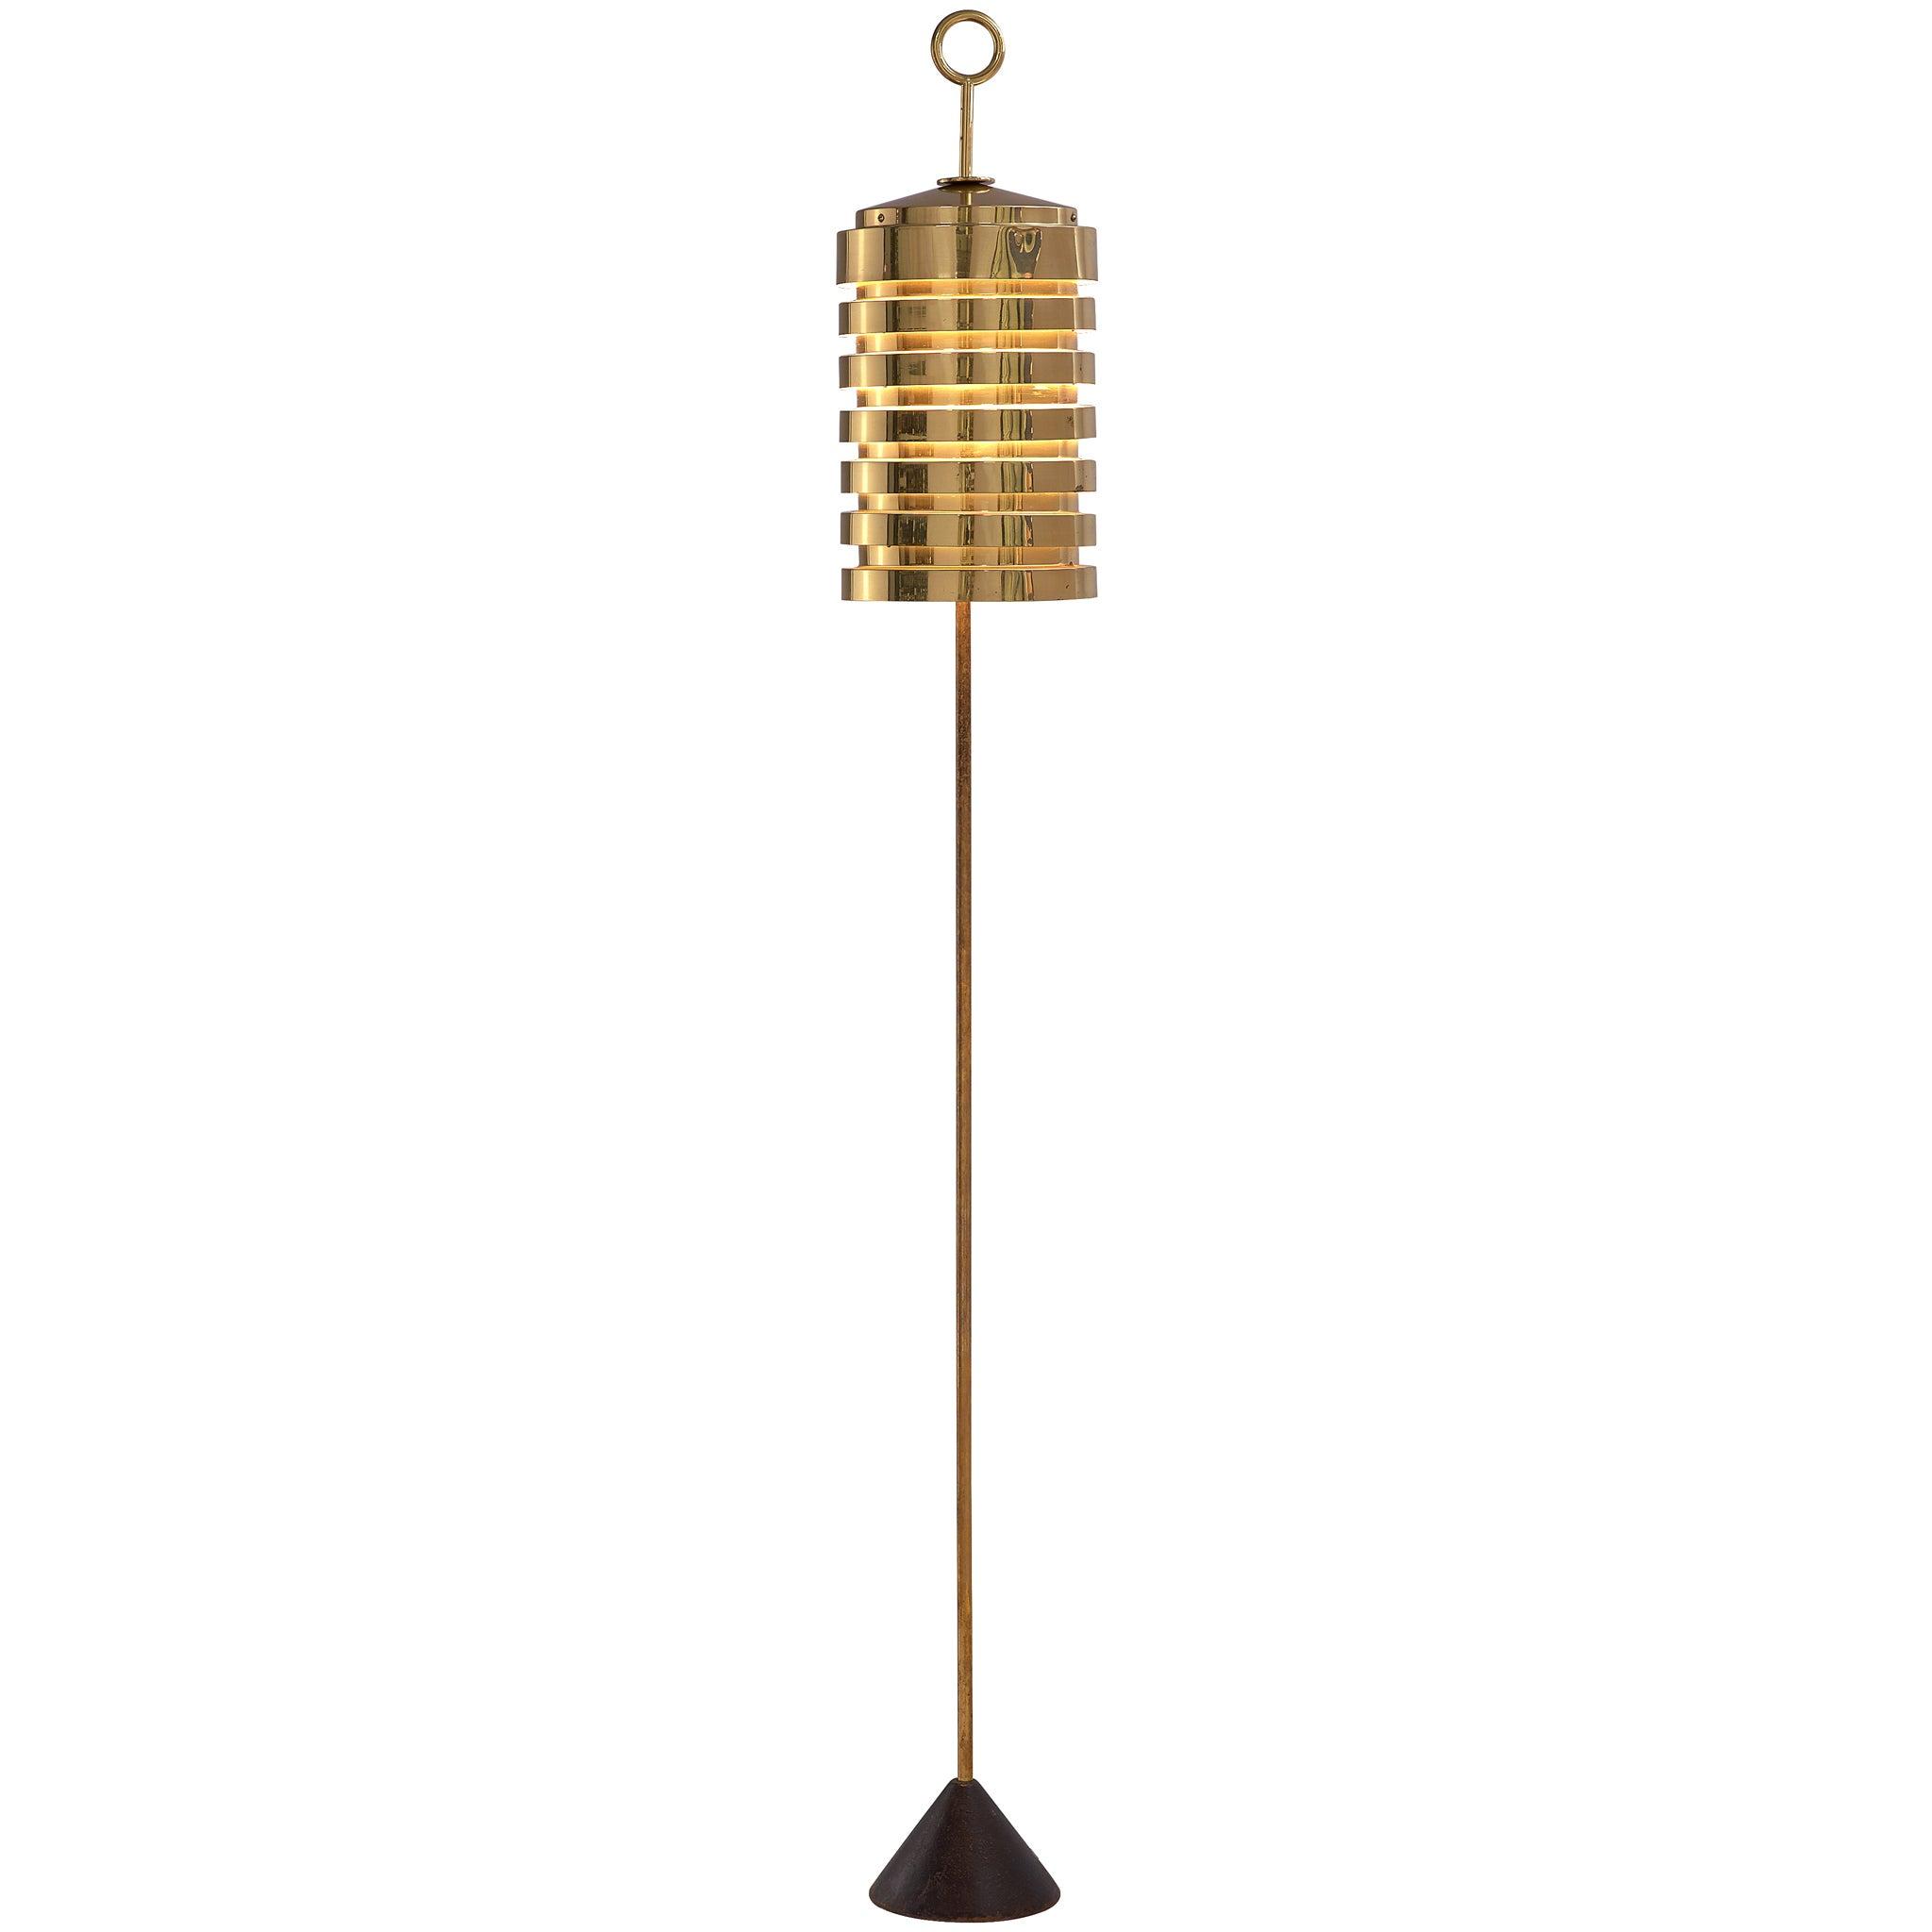 Hans-Agne Jakobsson 'G20' Floor Lamp in Brass